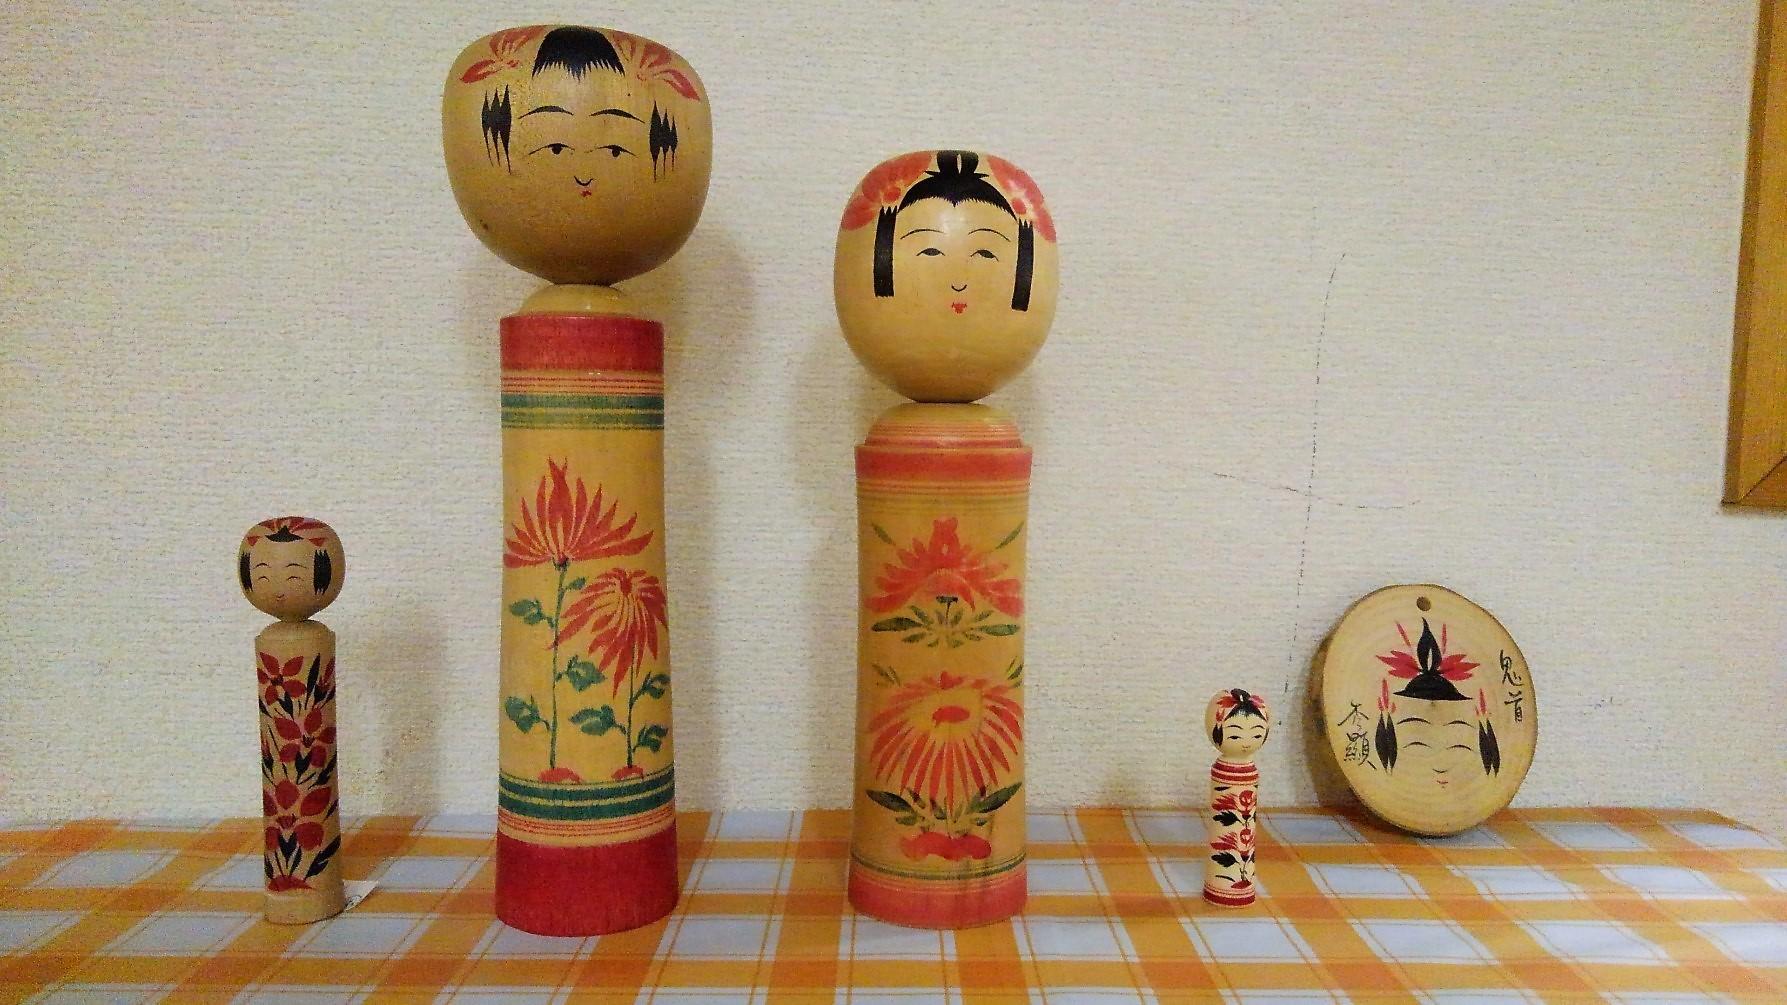 こけし収穫祭!!秋の通販拡大ブログ8~中古こけし編~_e0318040_16160566.jpg